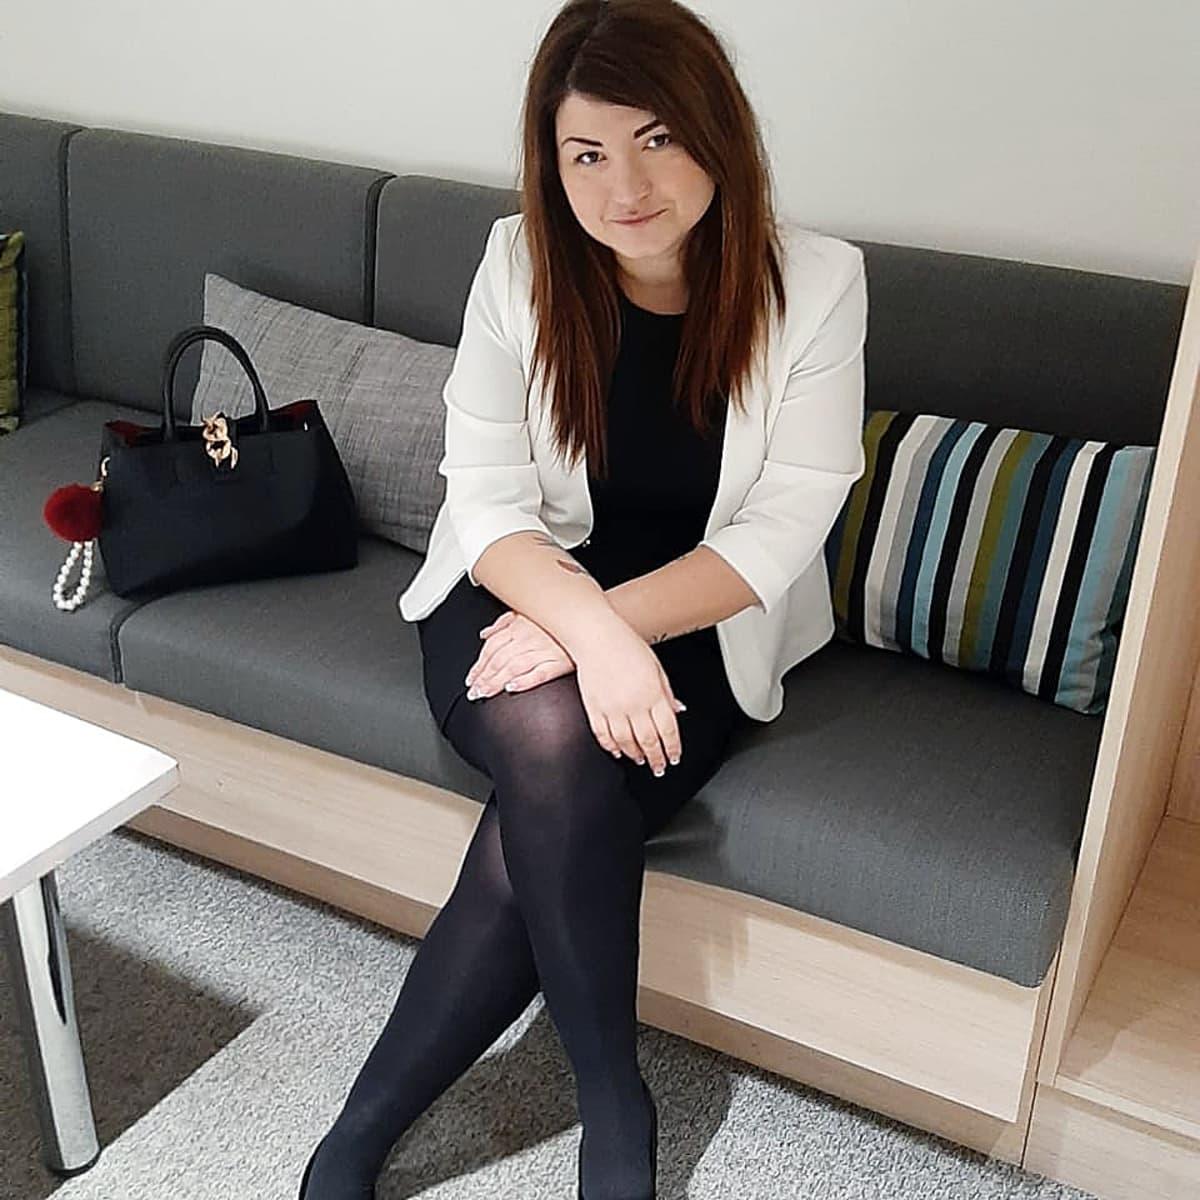 Chiara Costa, kulttuuritulkki ja palveluohjaaja, Stadin osaamiskeskus